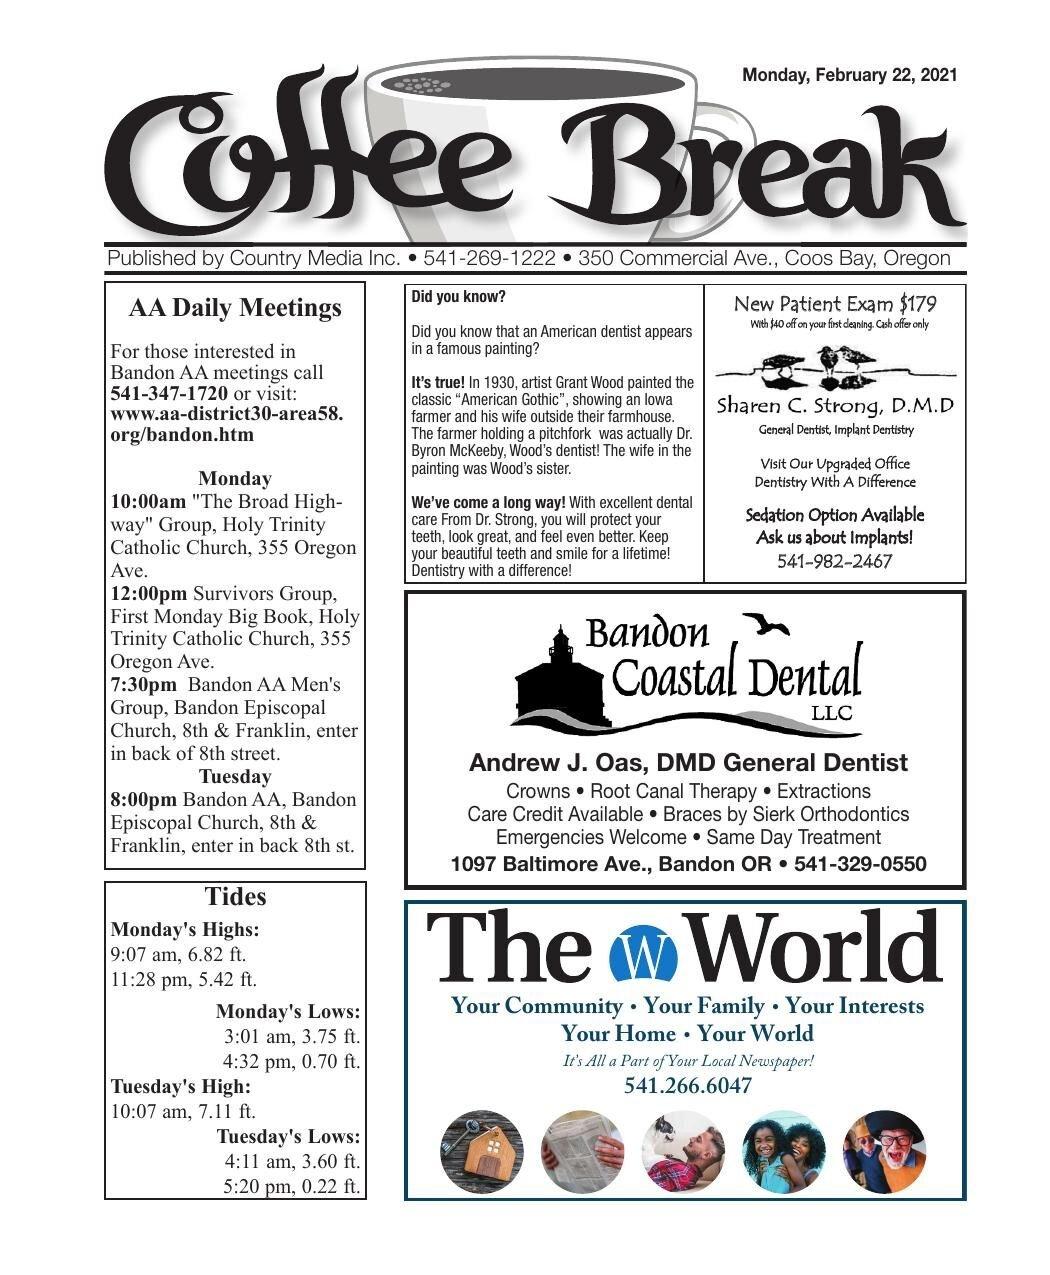 February 22, 2021 Coffee Break